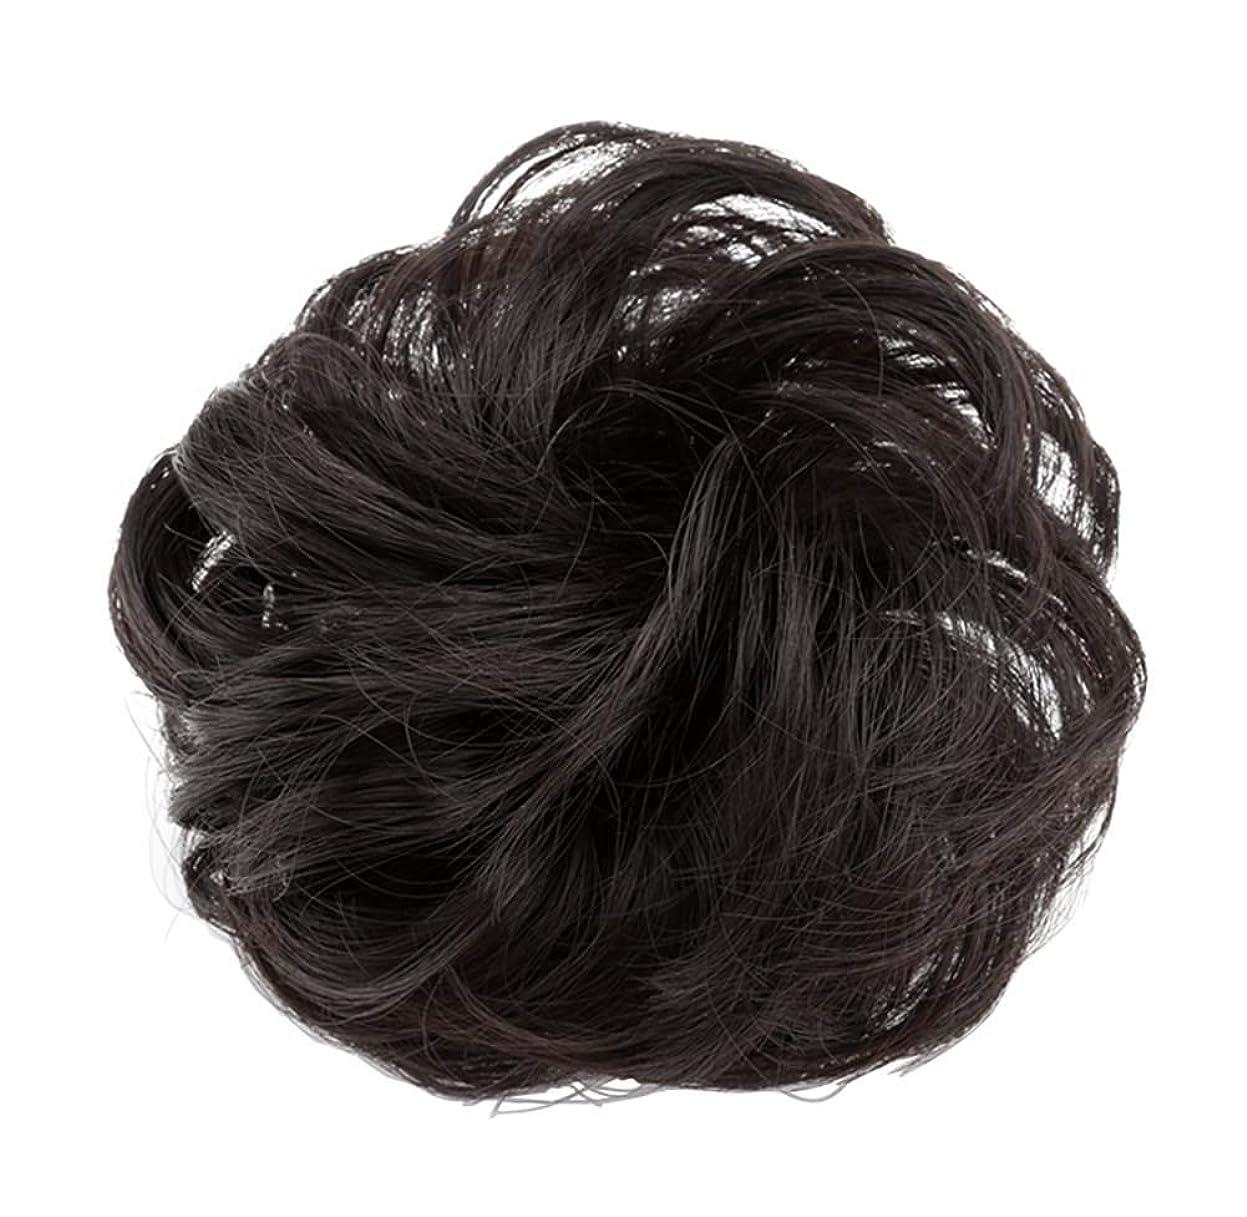 流乏しい雪だるま弾性ヘアバンド短い髪型ツール偽の髪のバンズ結婚式ヘアピース(自然な黒)